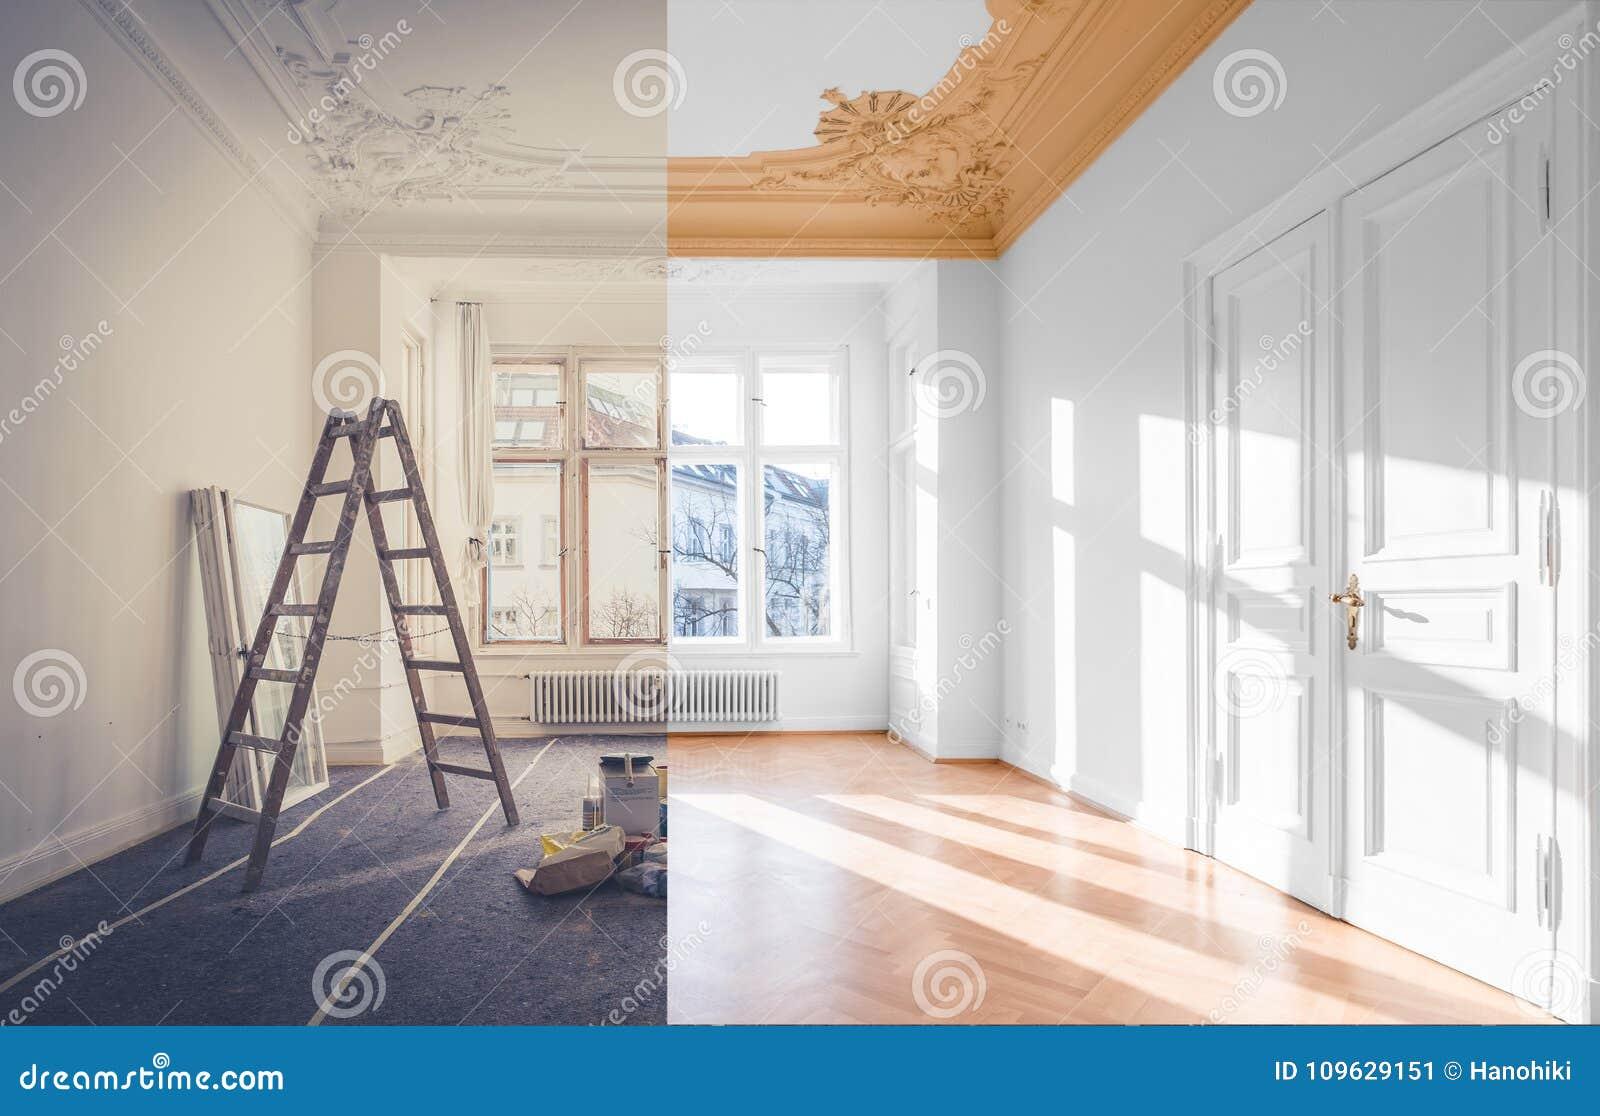 Conceito da renovação - sala antes e depois da renovação,